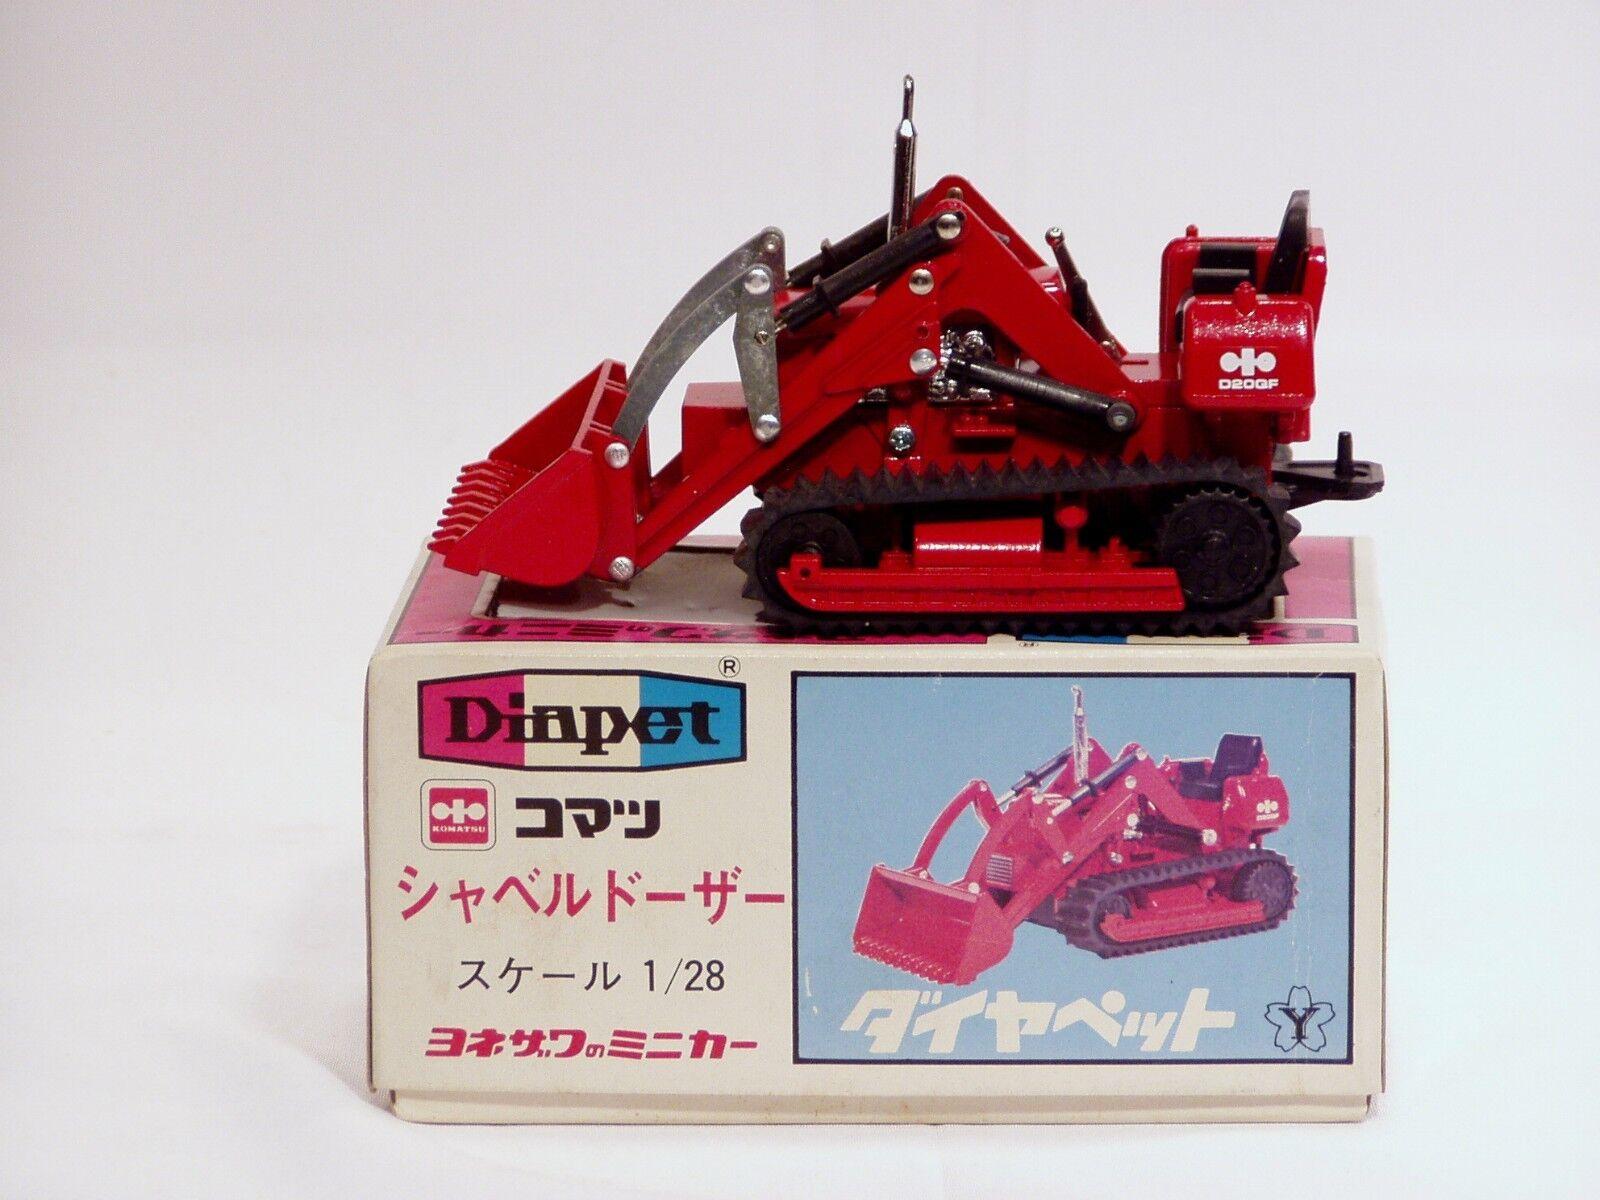 el estilo clásico Cochegador de pista Komatsu D20QF - 1 28 28 28 - DIAPET  K-31 - Nuevo  buen precio